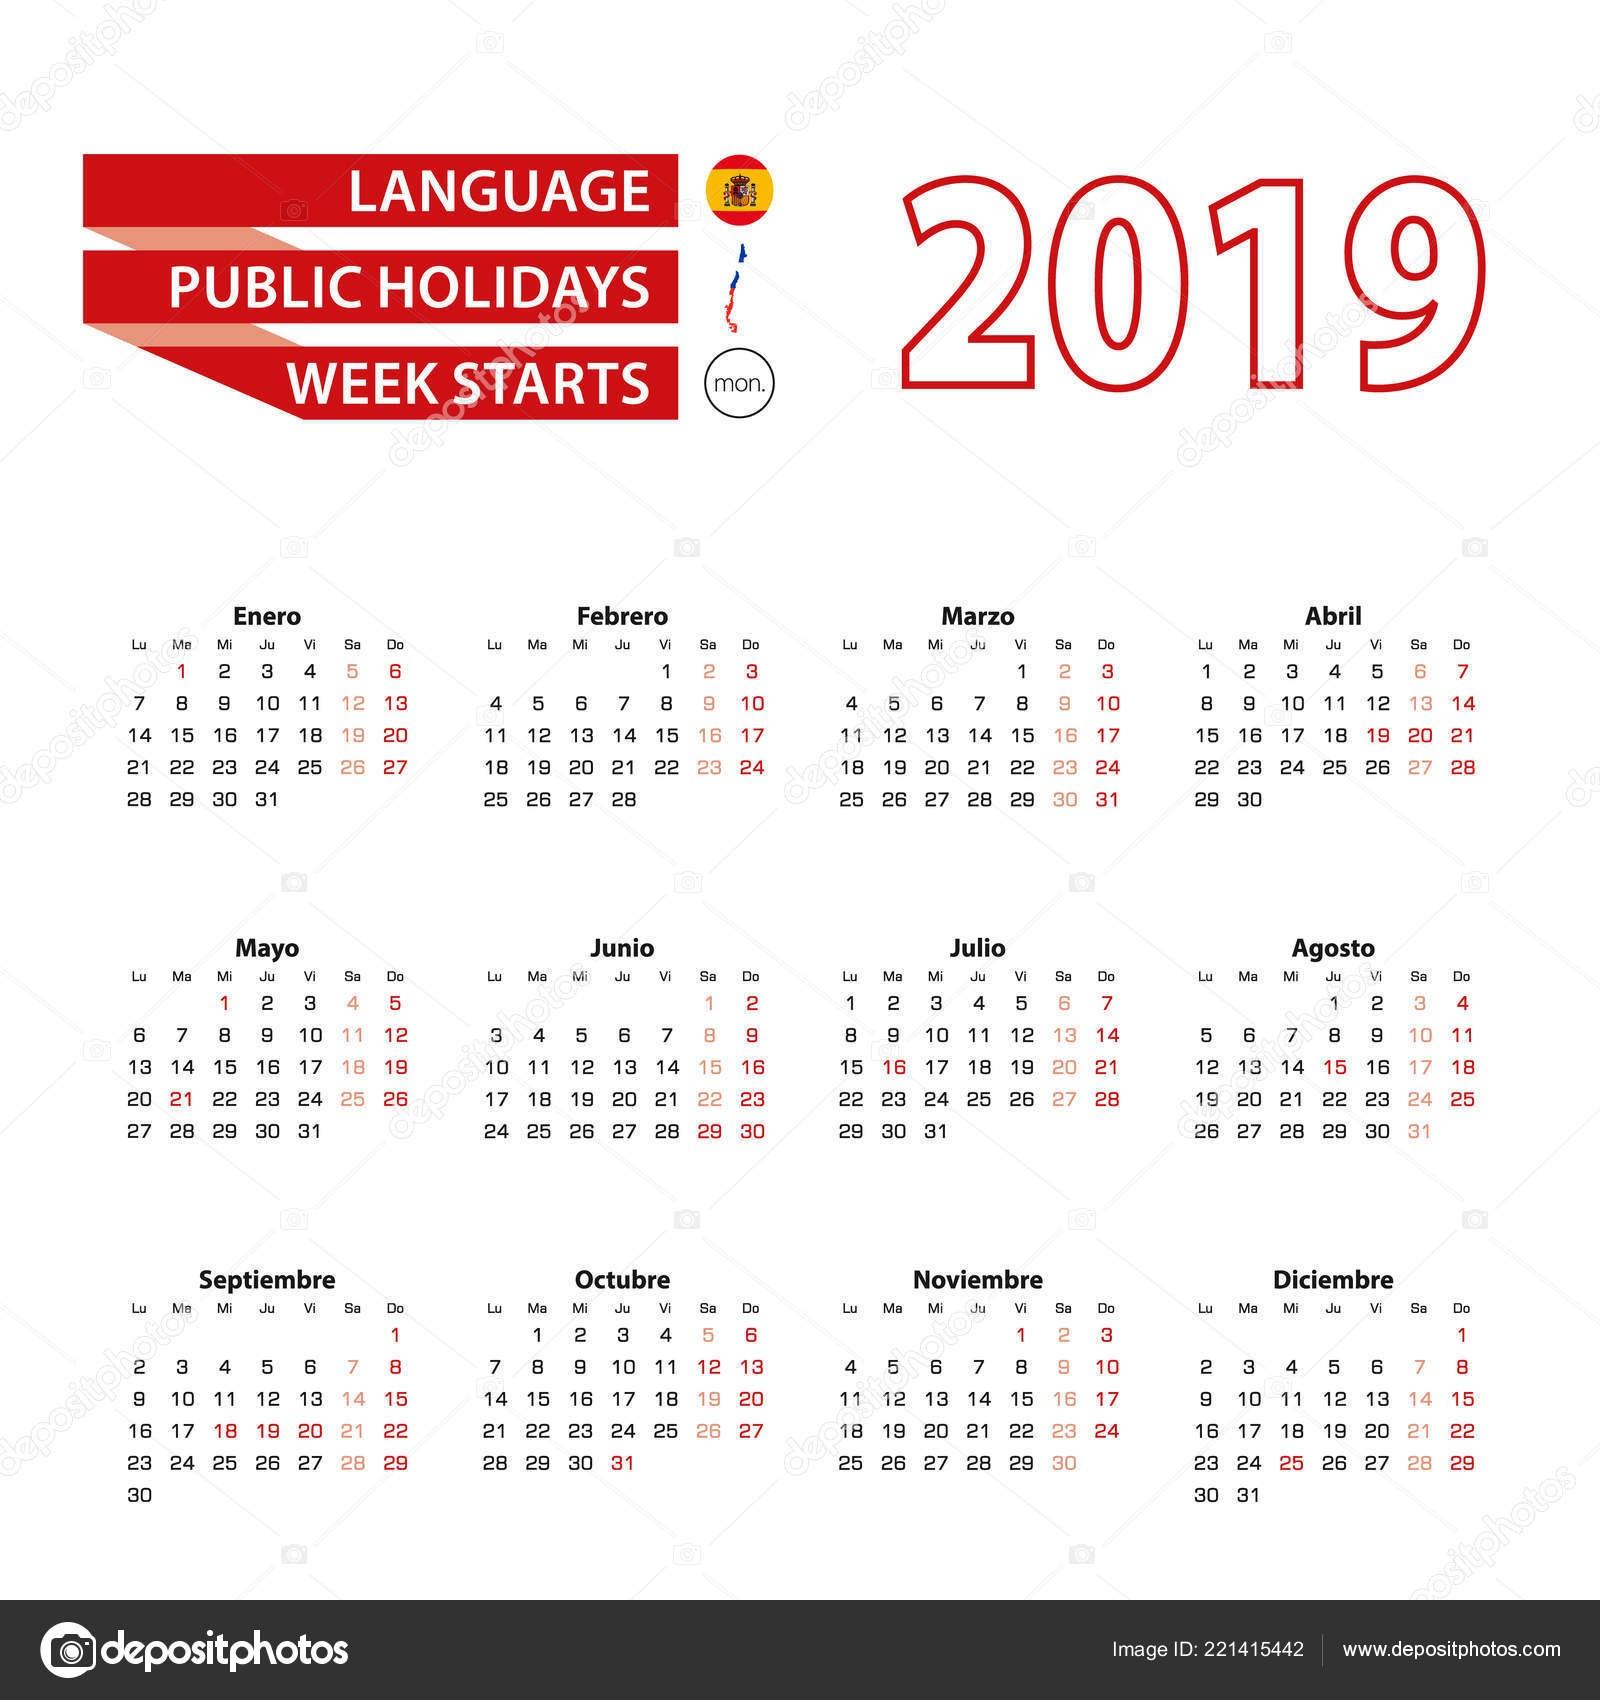 Calendario Abril 2019 Images Of the Year Actual Calendar 2019 In Spanish Language with Public Holidays the Country Of Calendario Abril 2019 Images Of the Year Más Recientes Papeleria Para Imprimir Papeleriaparaimprimir On Pinterest